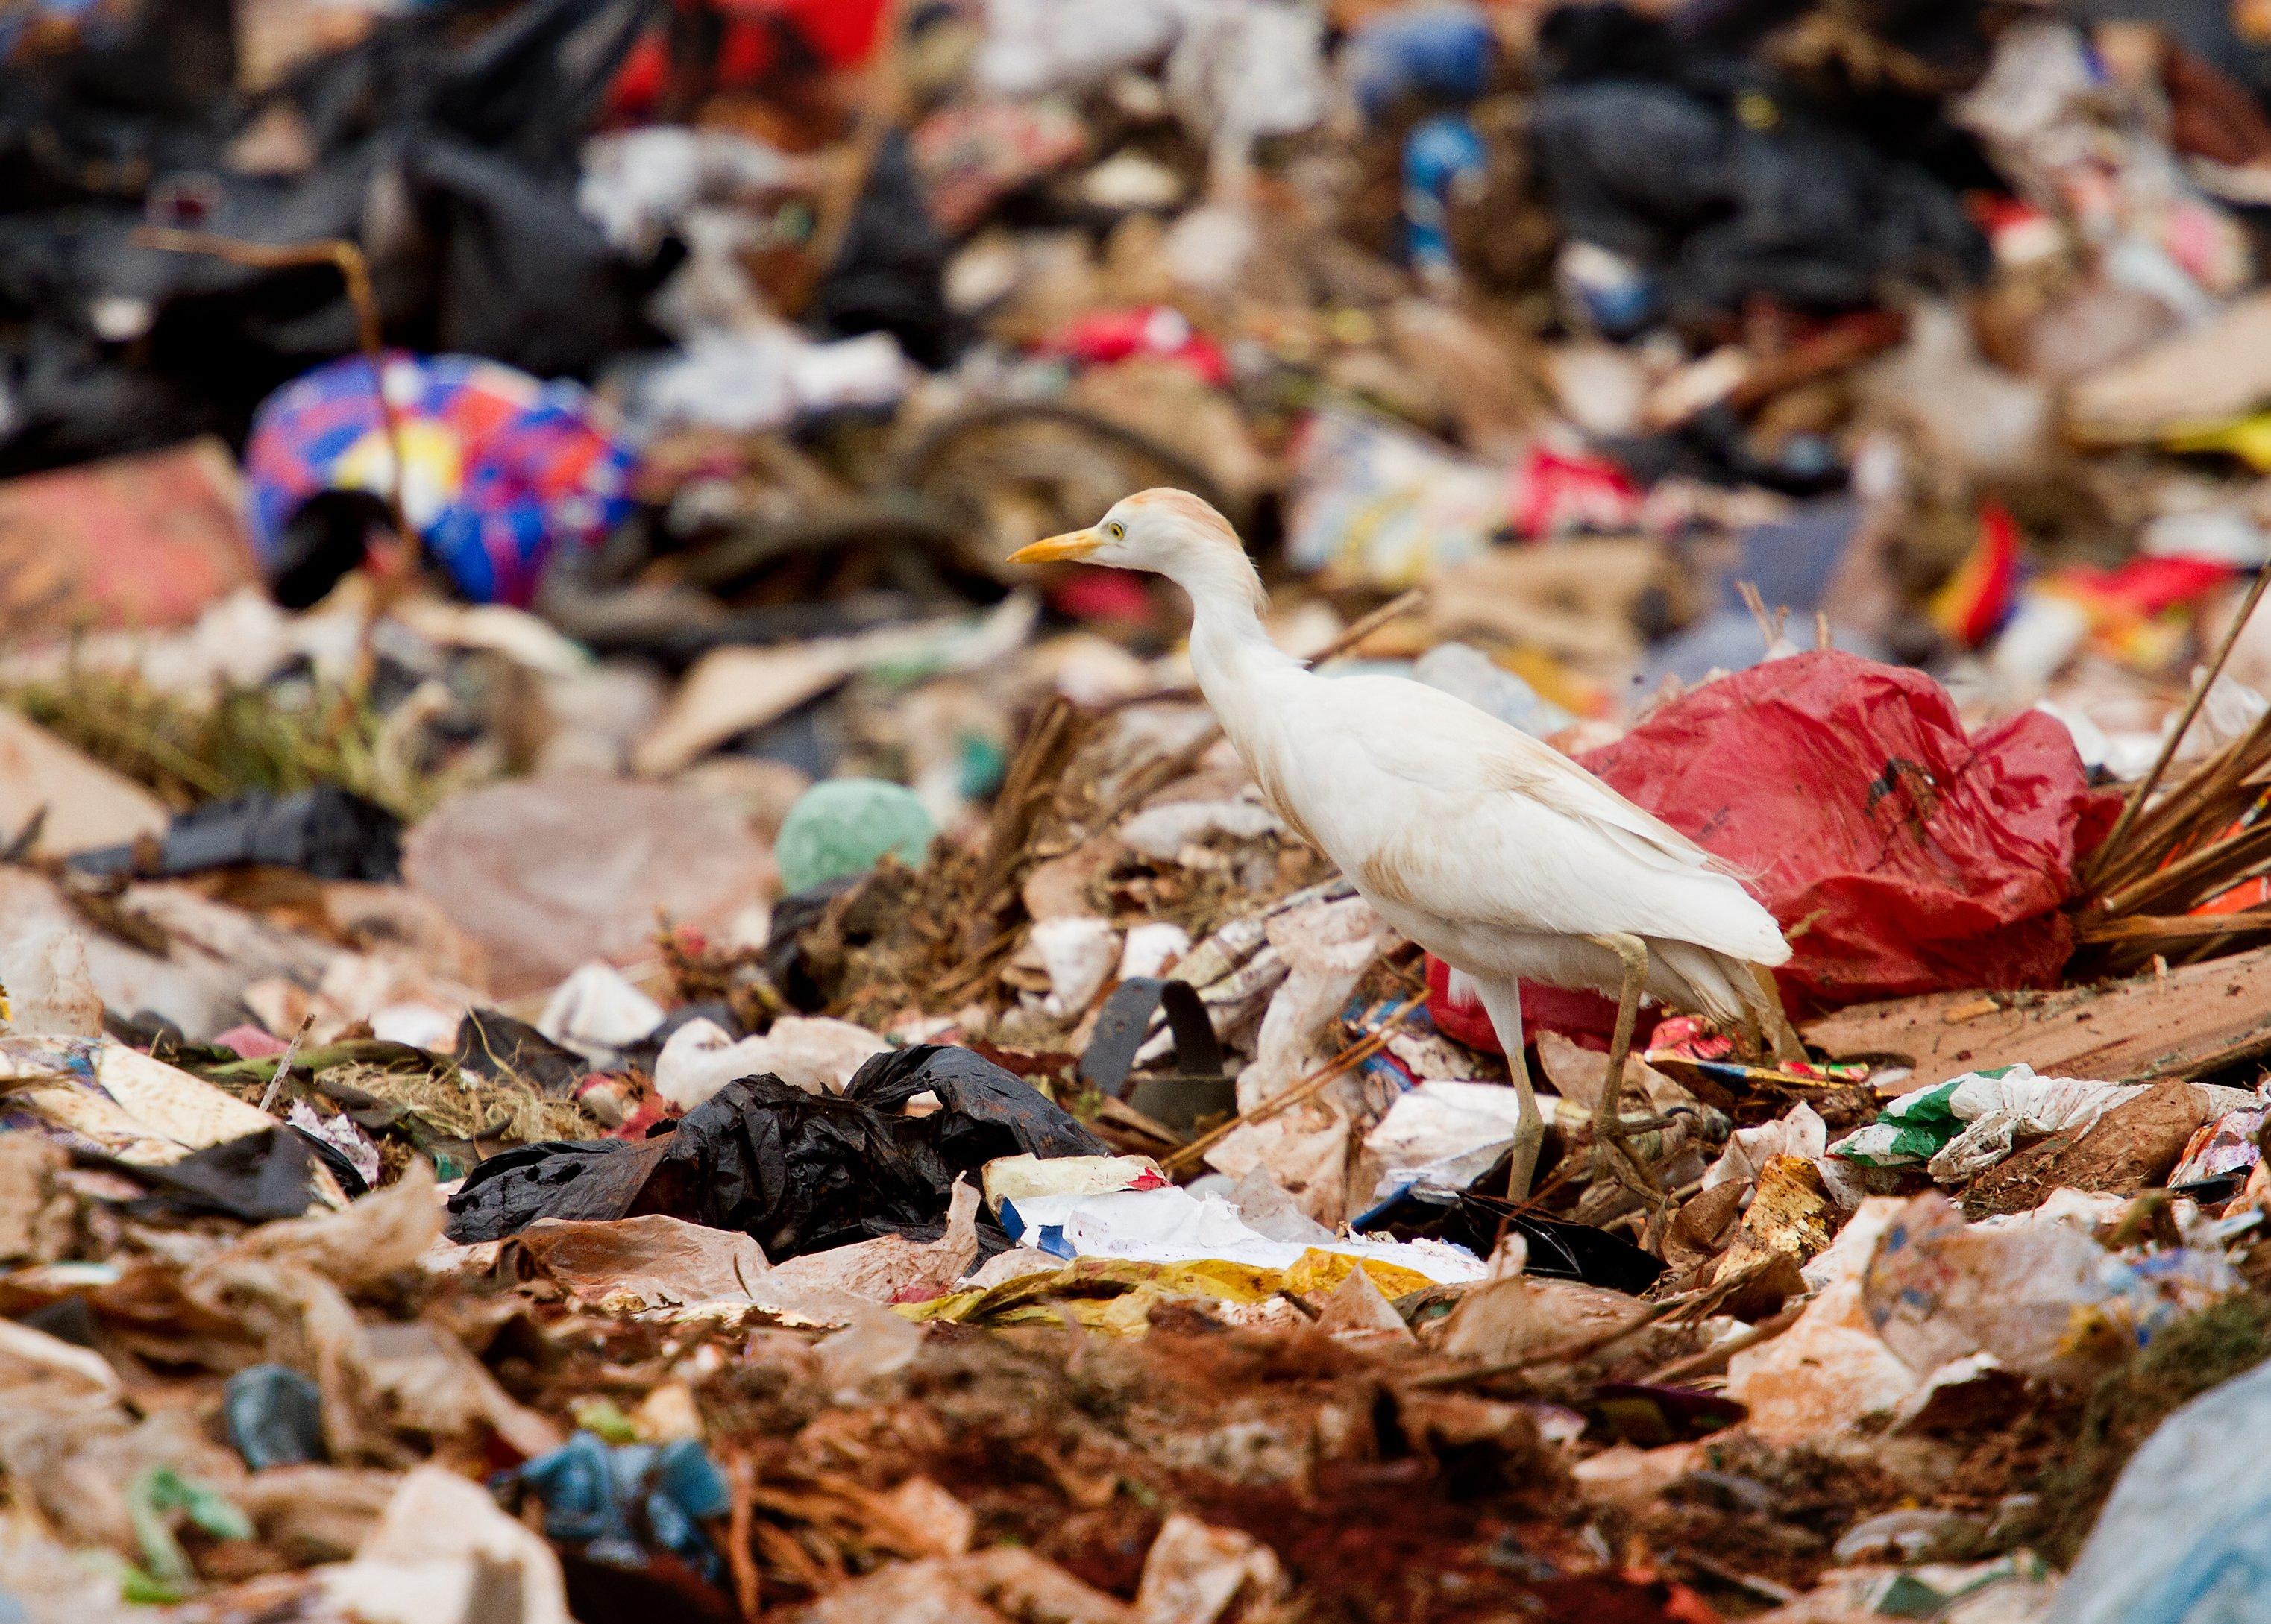 ערימת פסולת פלסטיק